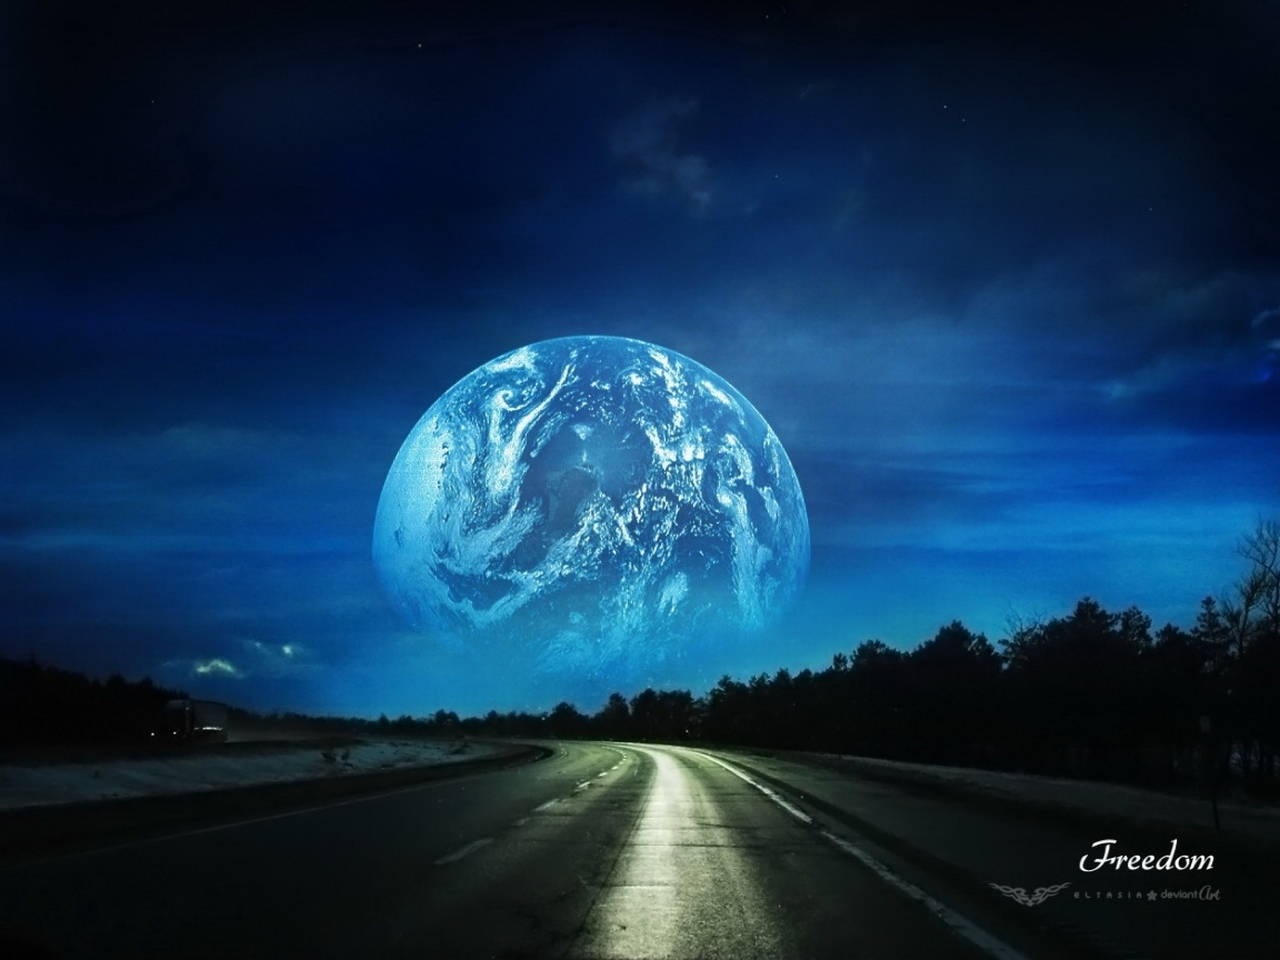 20530 скачать обои Пейзаж, Дороги, Планеты, Ночь - заставки и картинки бесплатно